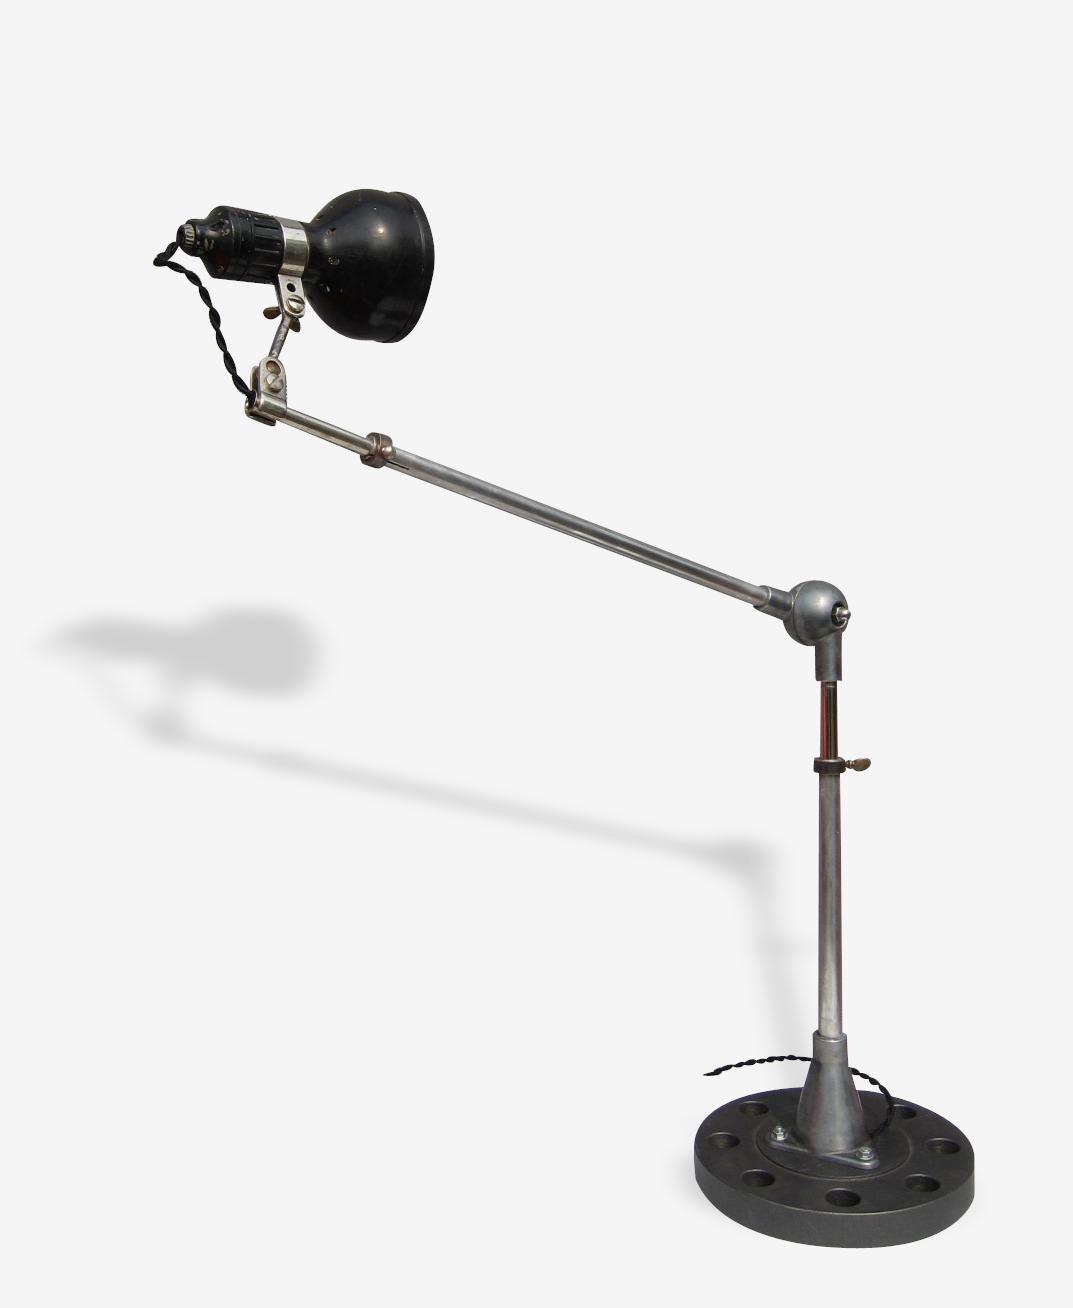 Lamp shop to ask 2bras Lumina